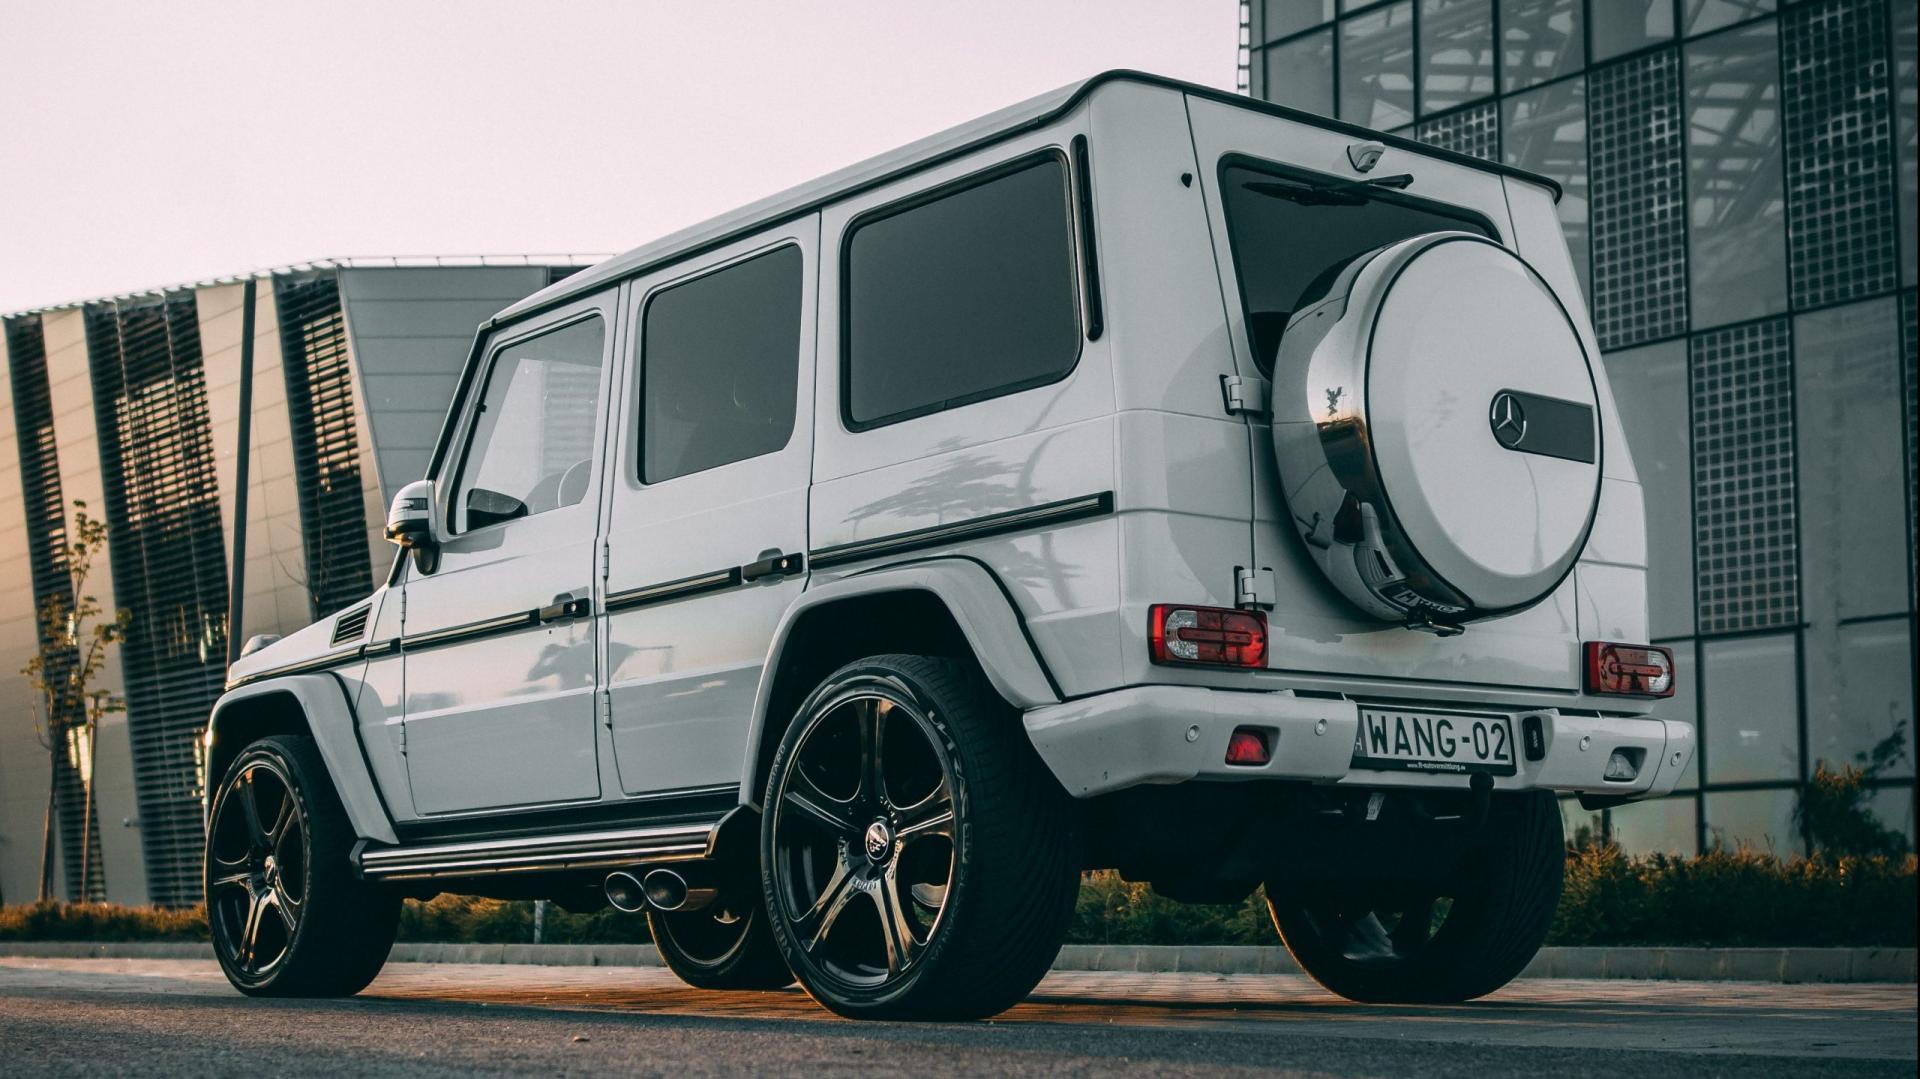 Mercedes-AMG G-klasse